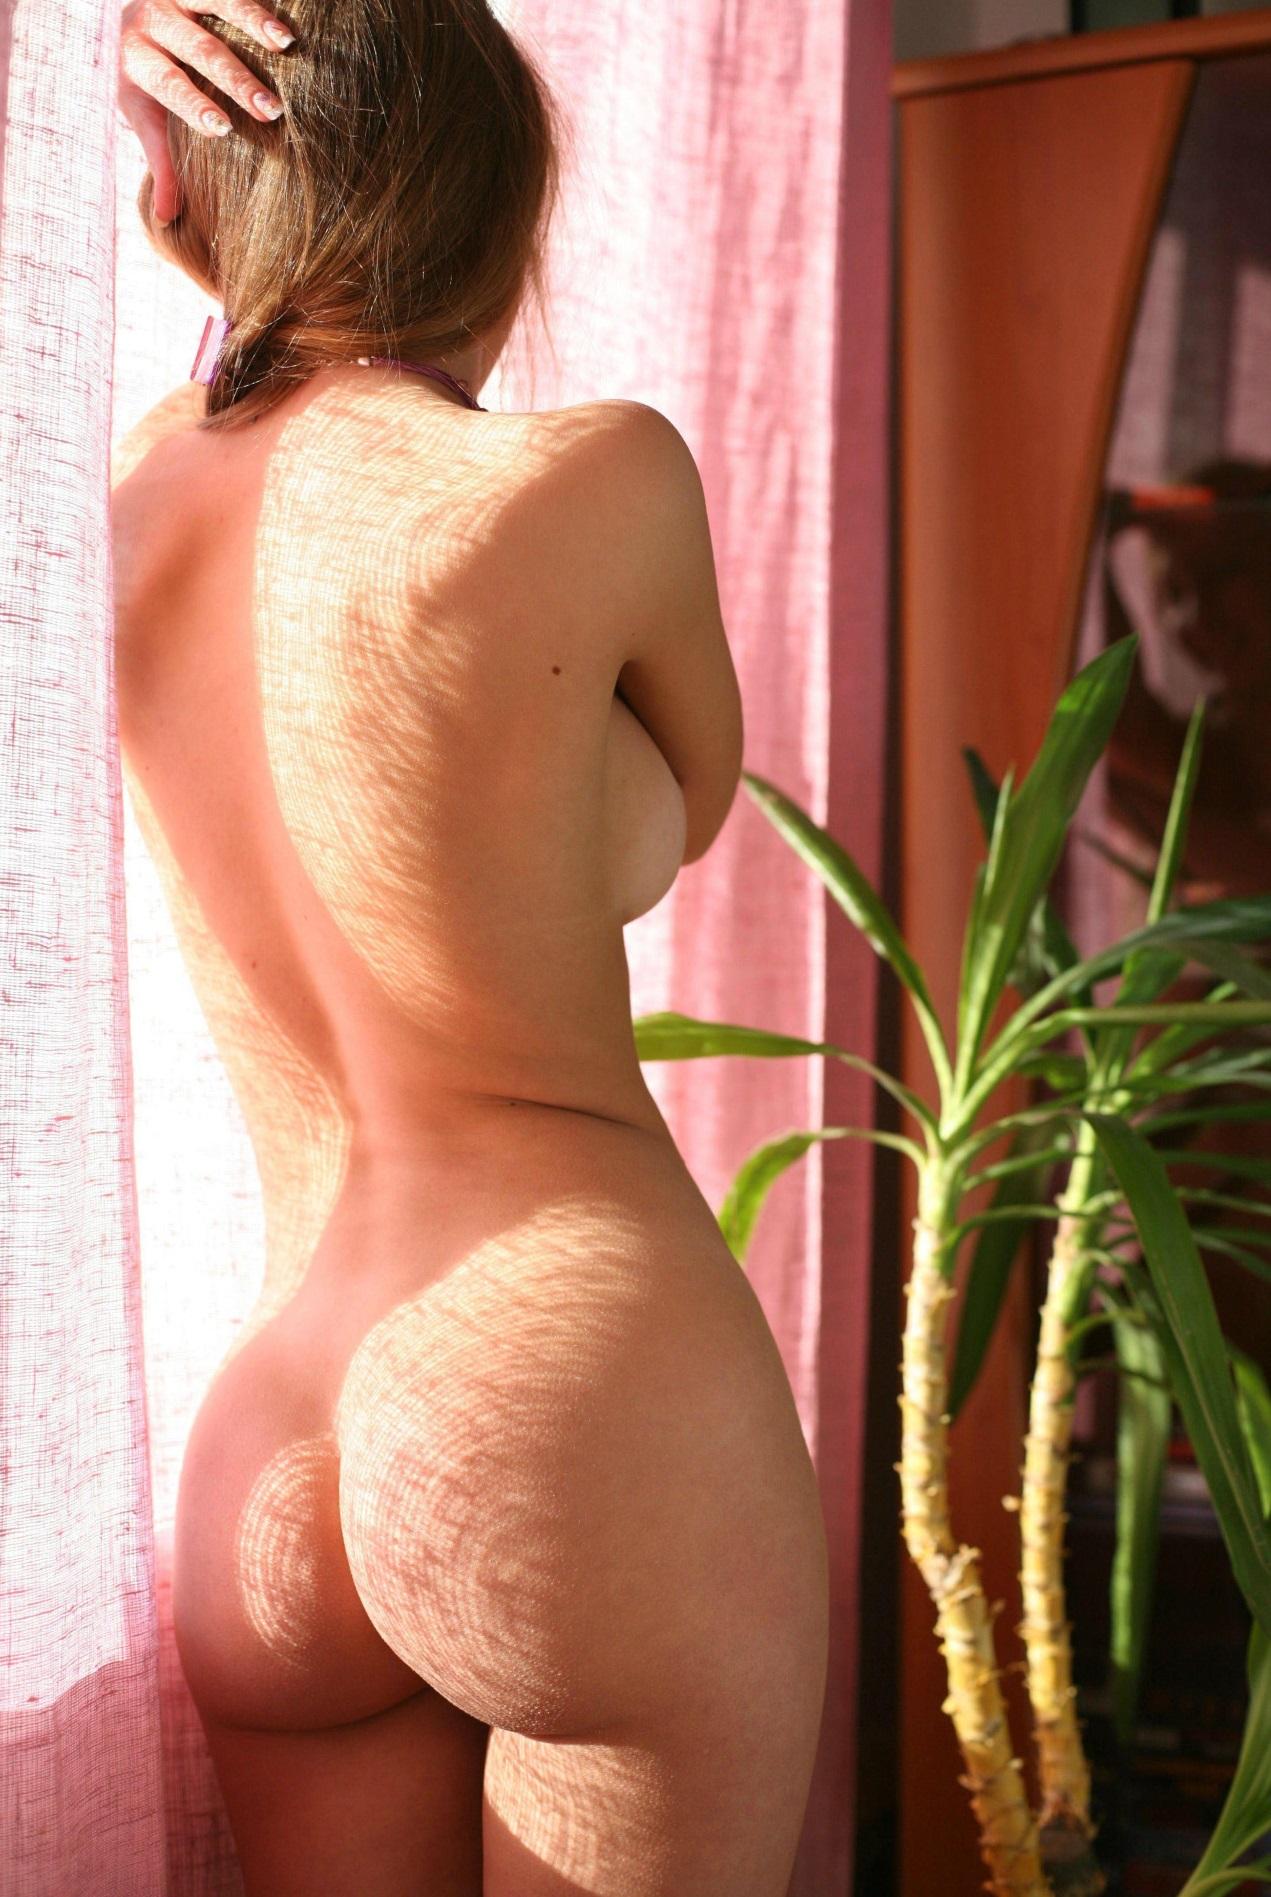 Подборка красоток с голыми задницами из соцсетей 5 фото